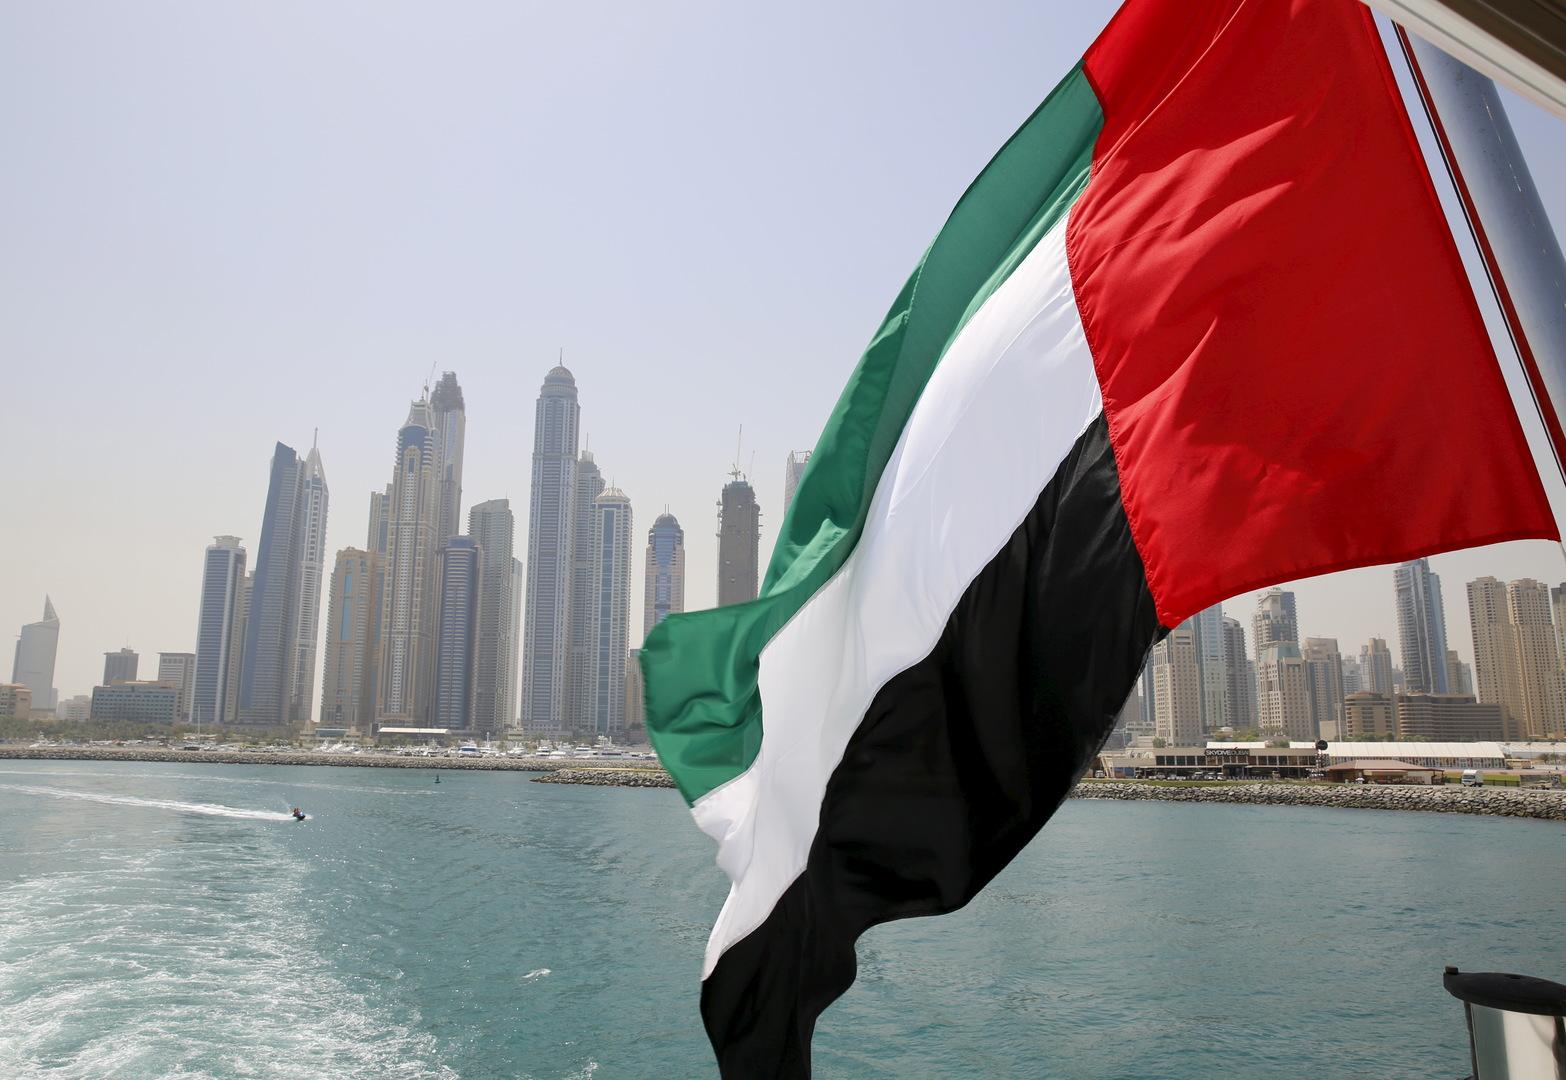 الإمارات: خطط إسرائيل لضم الضفة مرفوضة وتصريحات نتنياهو تنافي حقيقة الموقف العربي